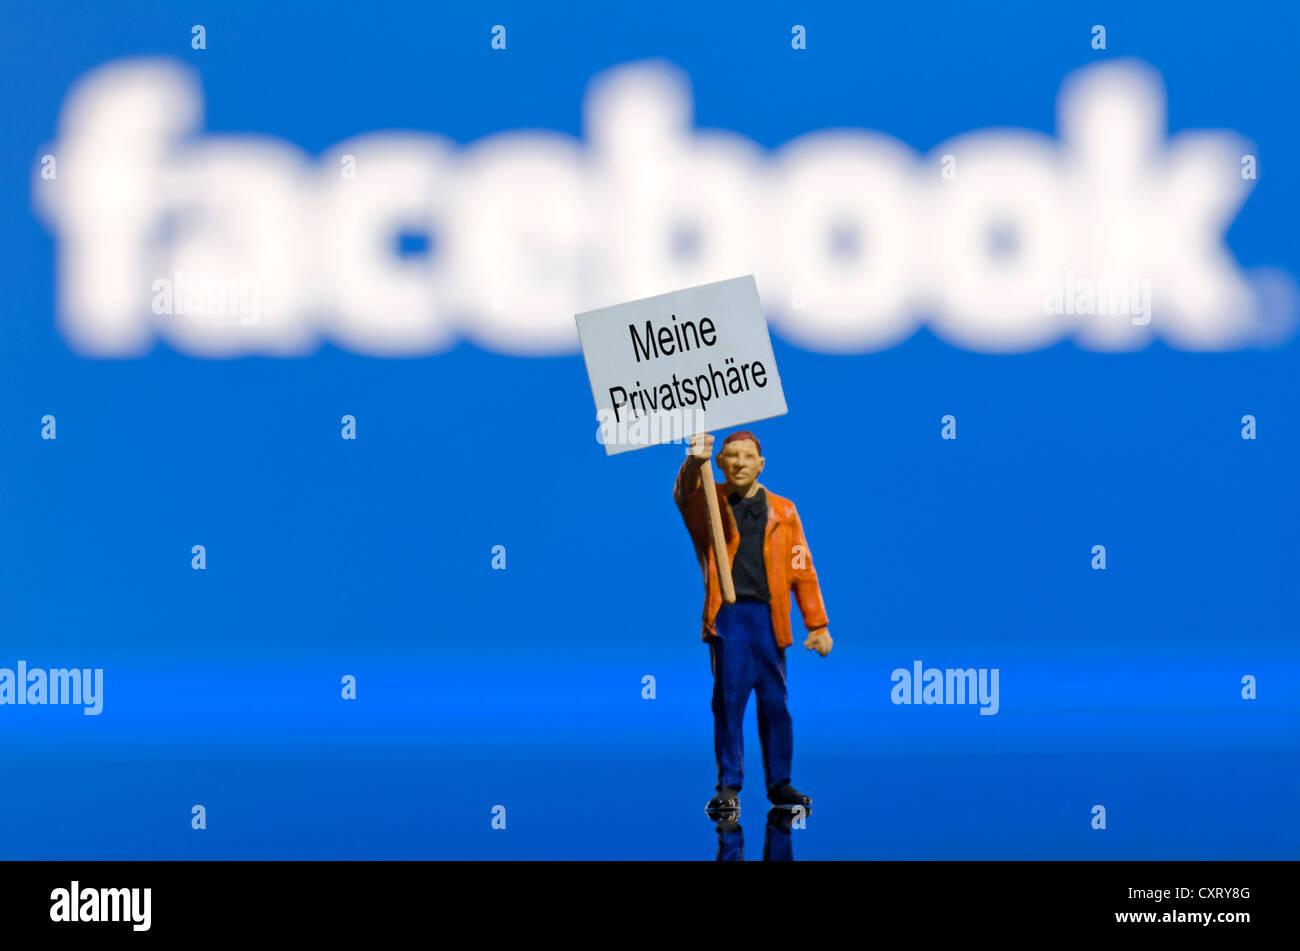 """Demonstrant hält ein Brett, Schriftzug """"Meine Privatsphaere"""", Deutsch für """"Meine Privatsphäre"""", Stockbild"""